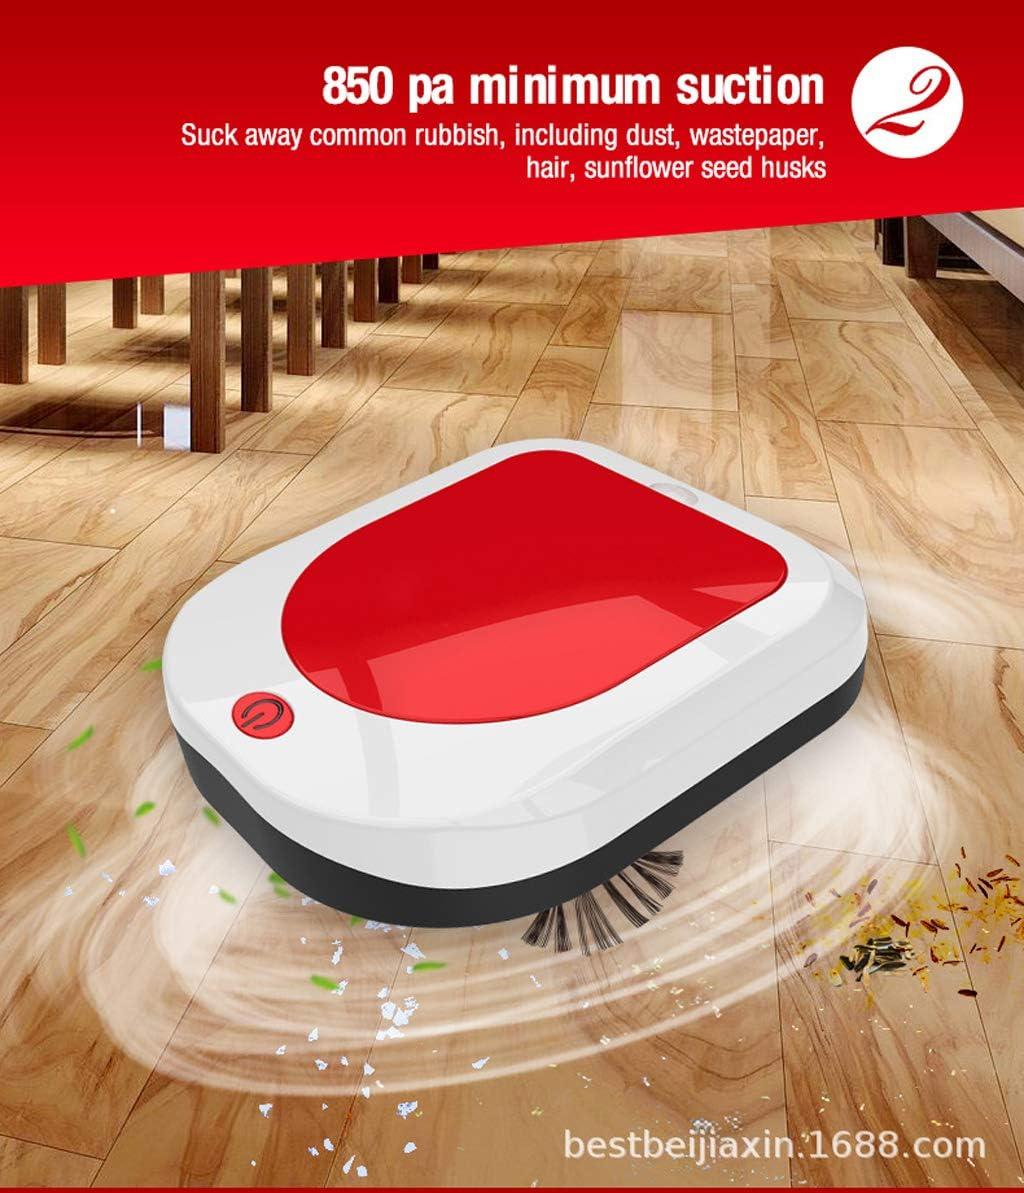 LHY Kitchen Aspirateur Robot, désinfection Automatique des ménages Intelligent Sweeper Grande Aspiration à Faible Bruit et Une Faible consommation électrique,Rouge Red